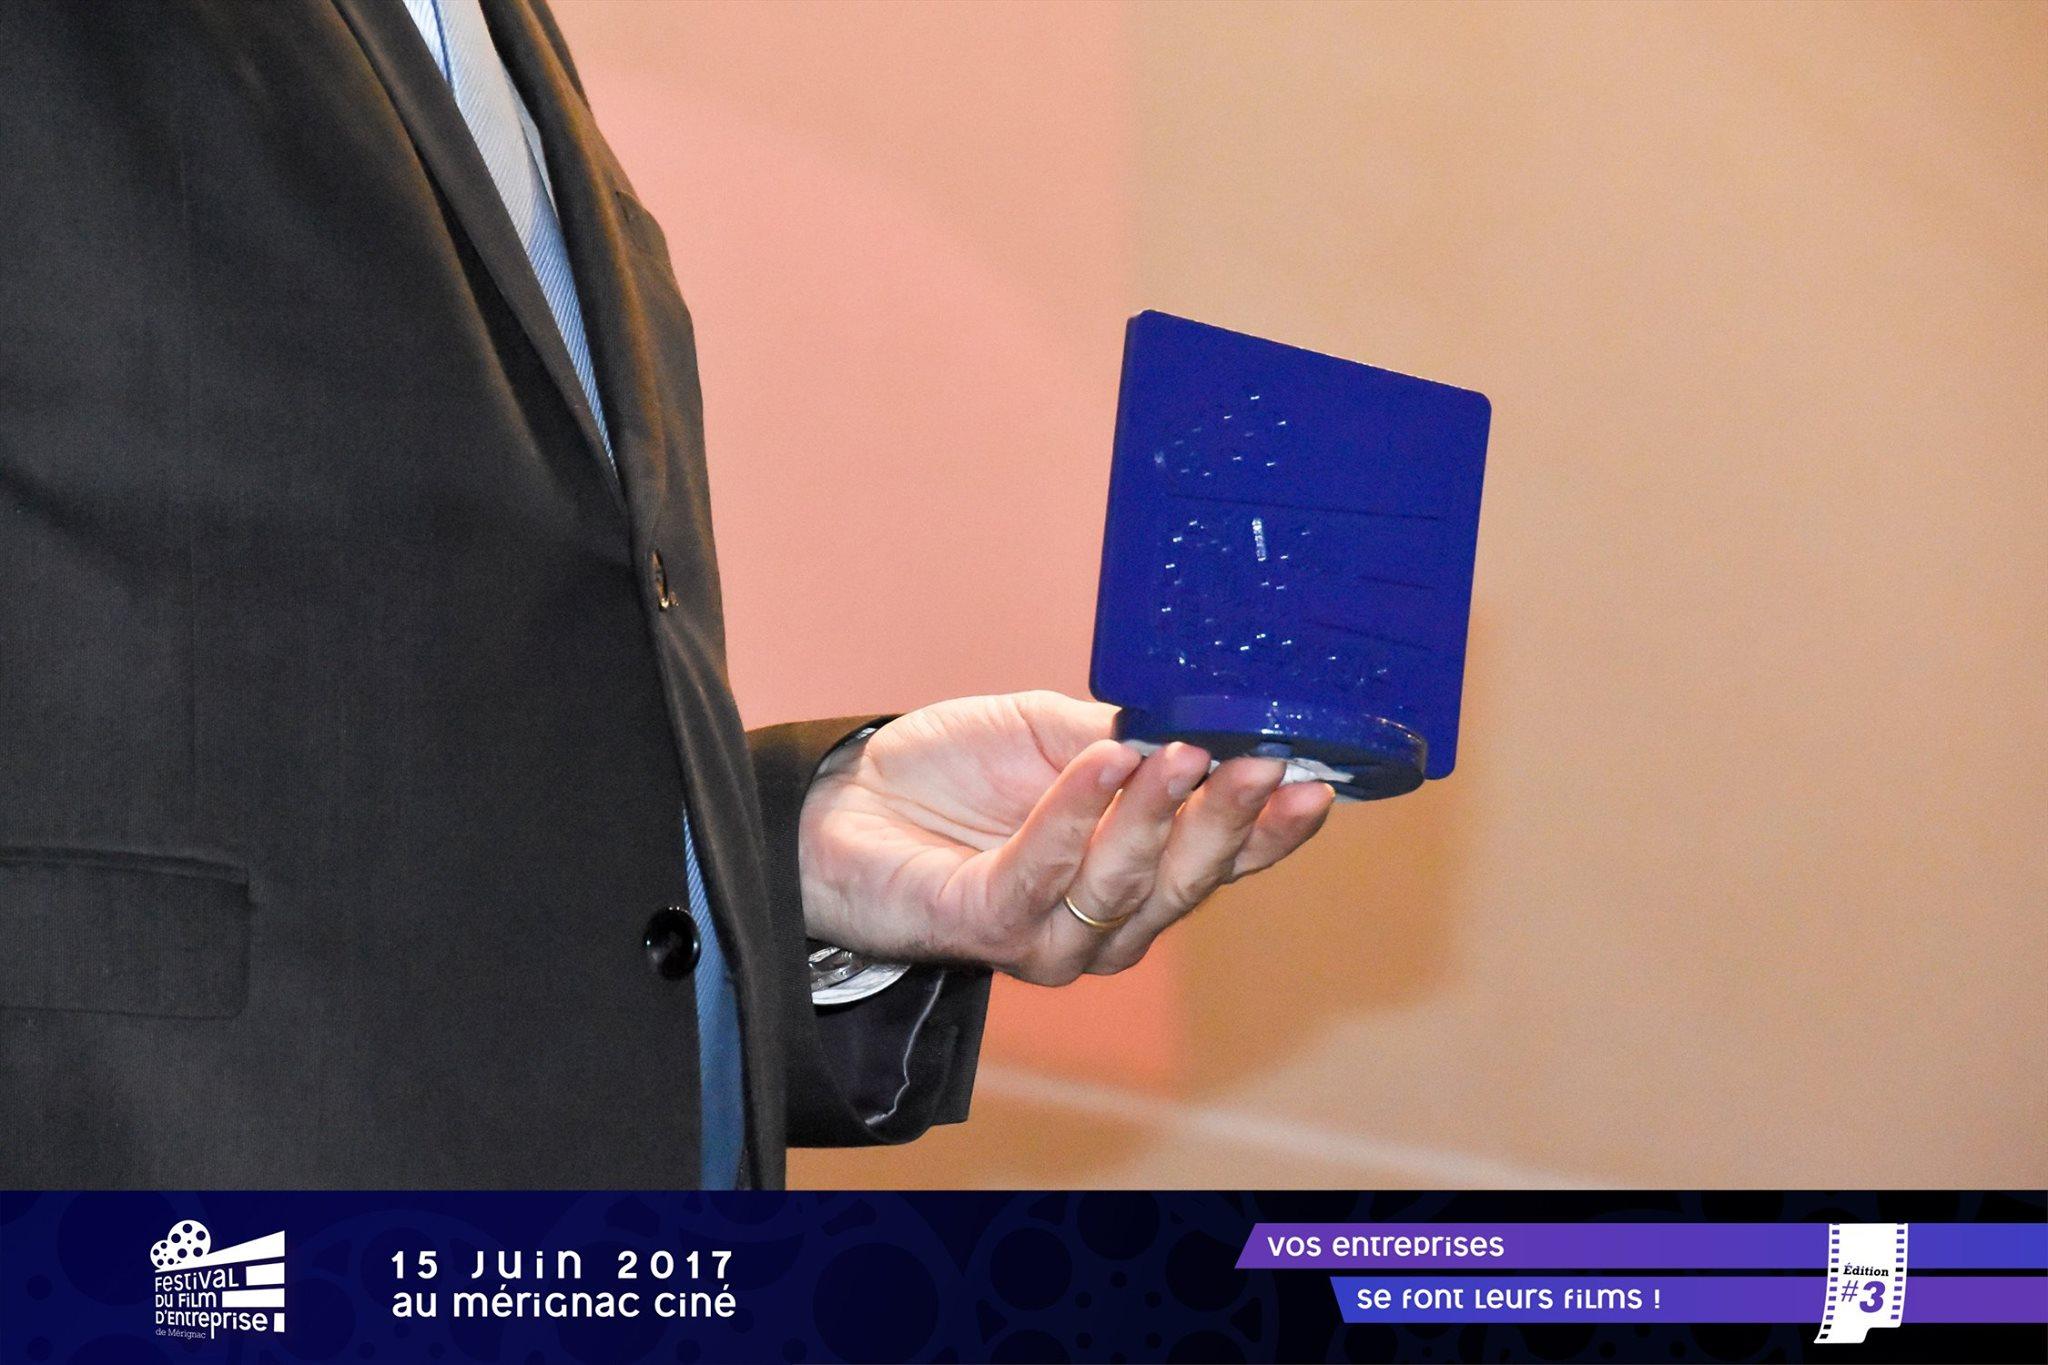 19222820_1233994710043028_716945841342998715_o Trophées du Festival du Film d'entreprise de Mérignac